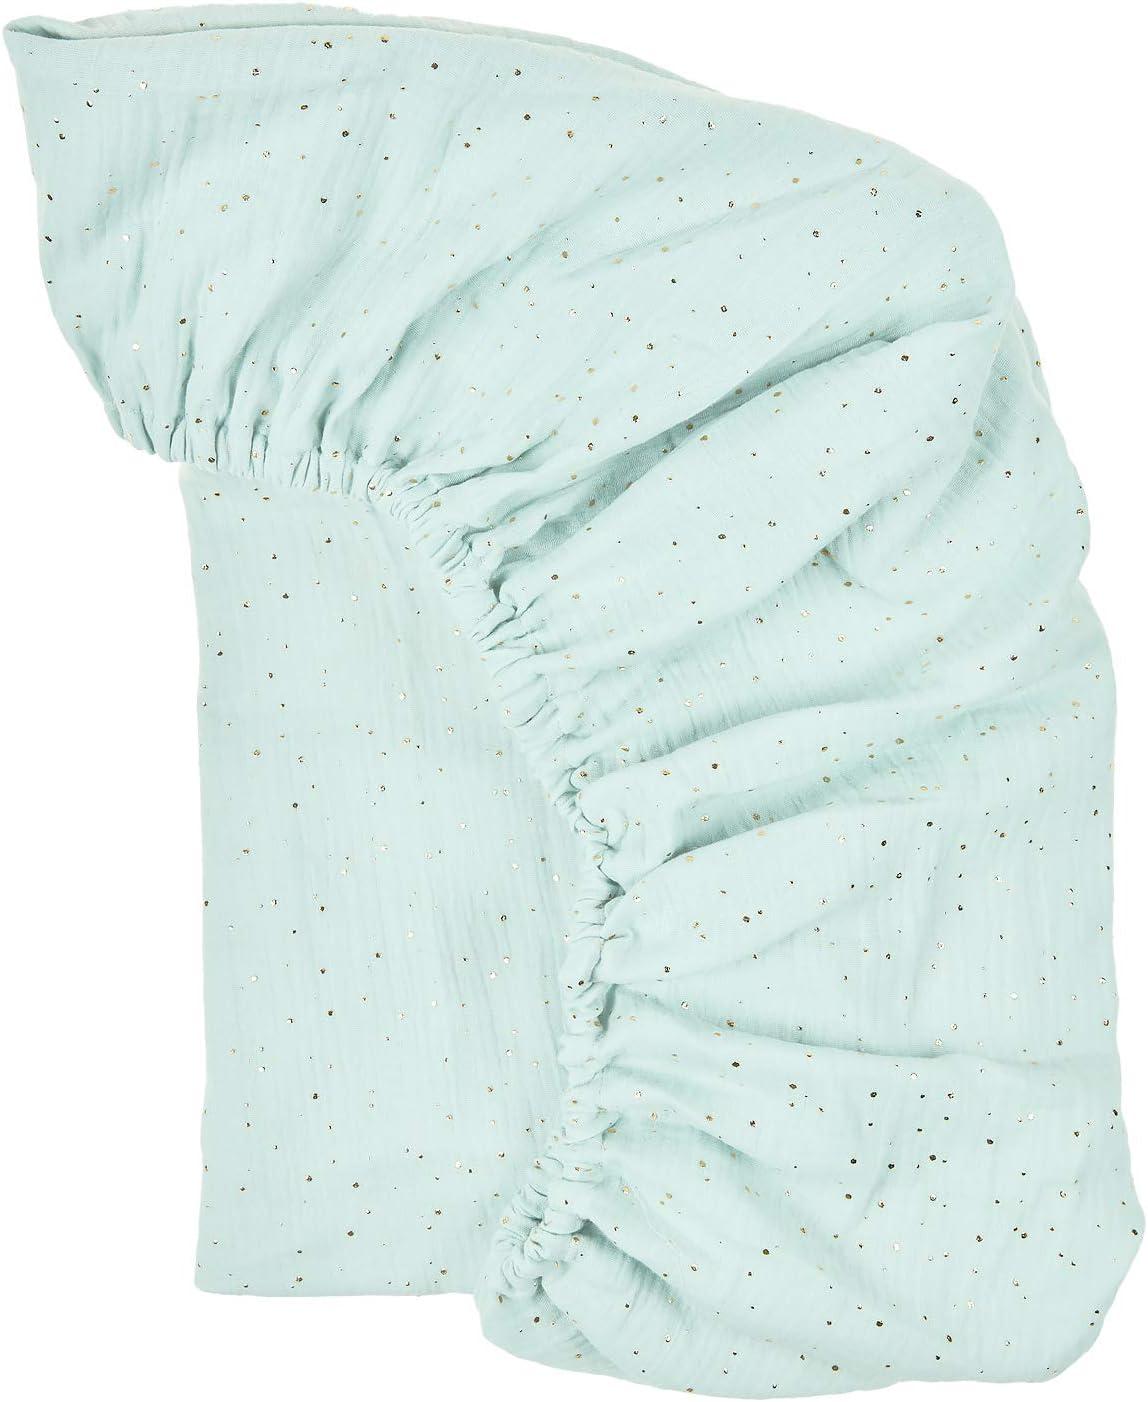 KraftKids Drap housse mousseline /à pois dor/és sur vert en 100 /% coton Fabriqu/é /à la main dans lUE. Dimensions 140 x 70 cm